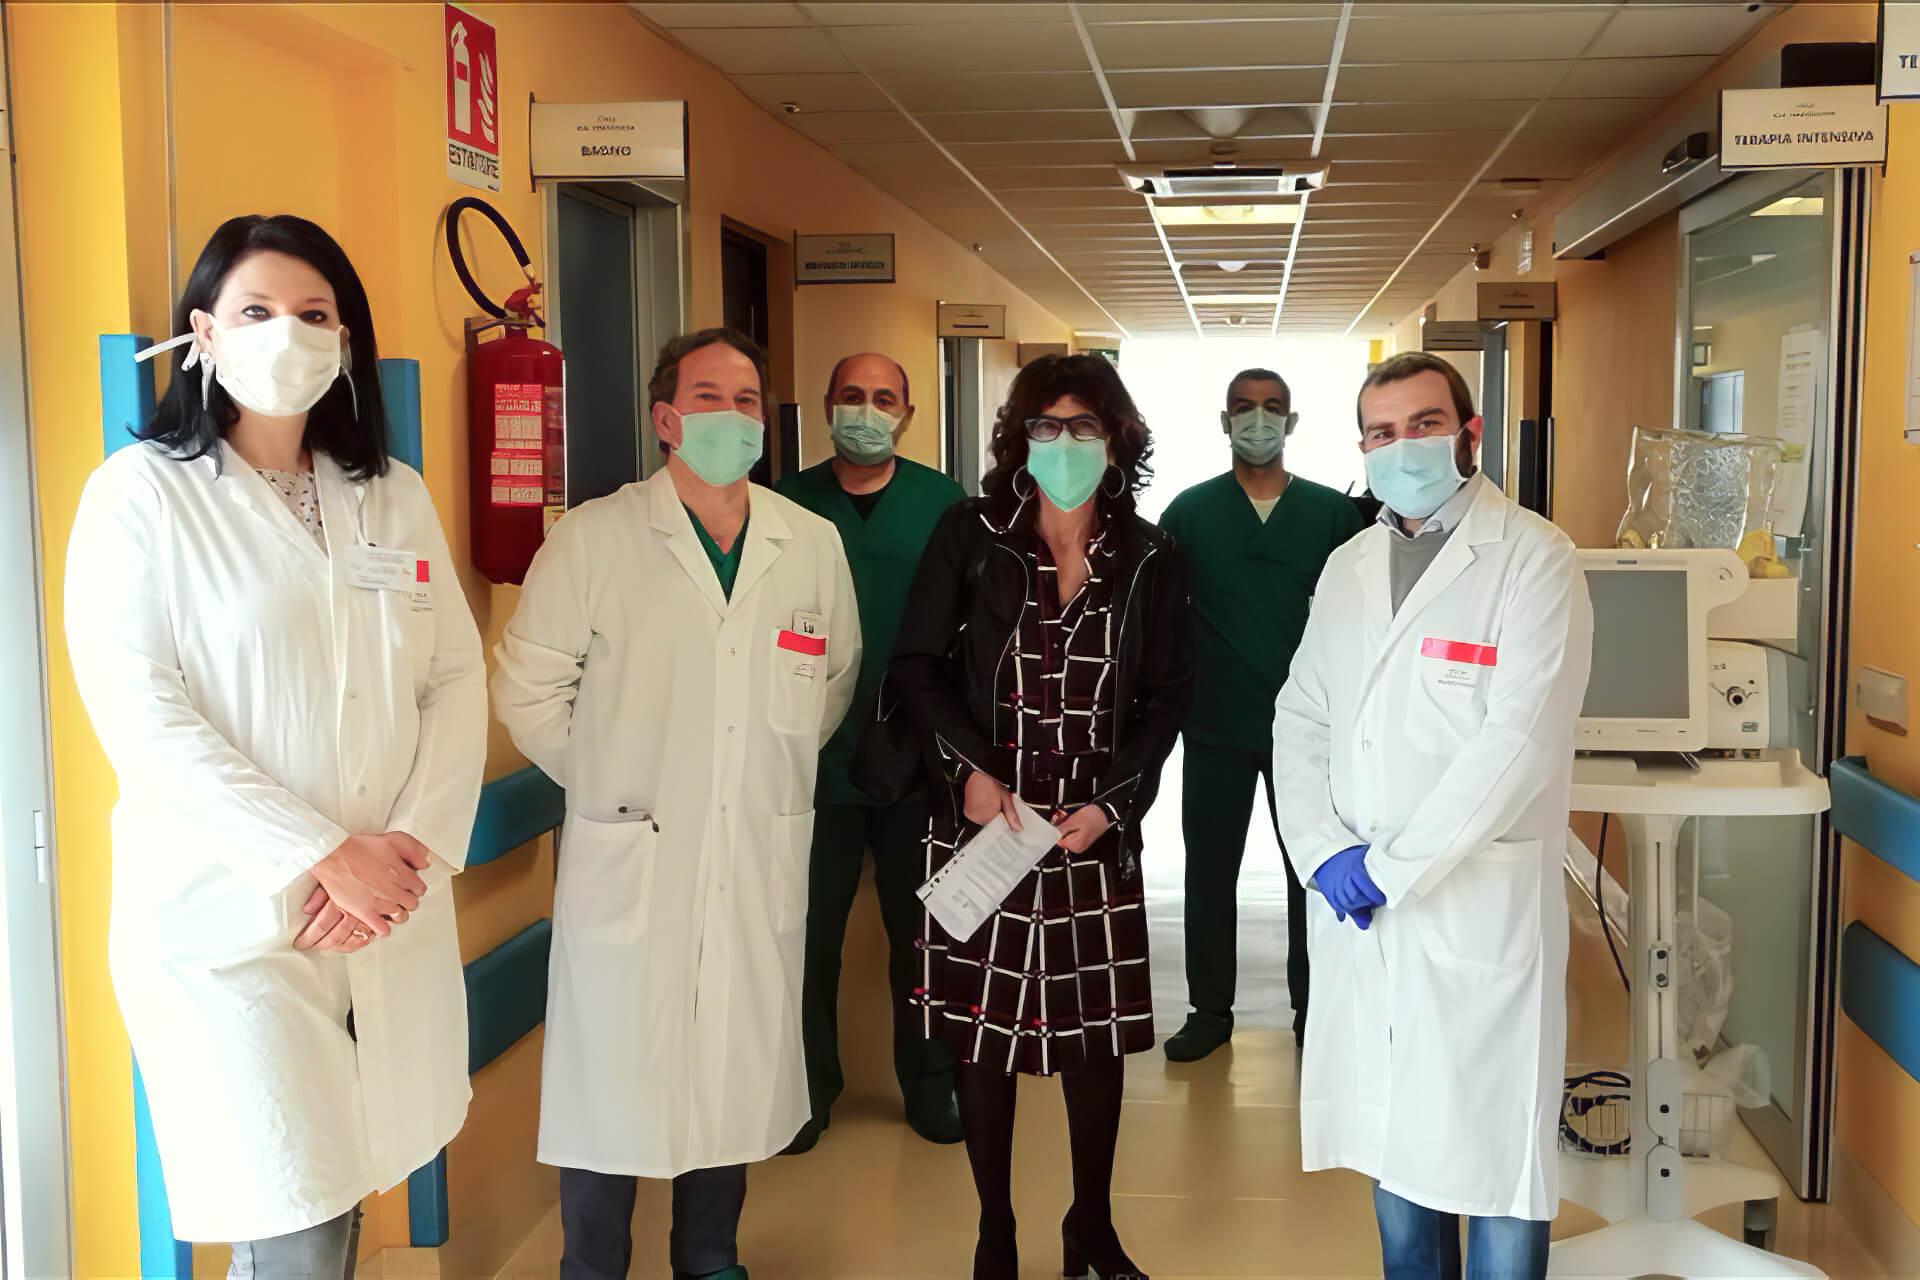 Consegnati Emogasanalizzatore, maschere e caschi all'ospedale Umberto I di Corato